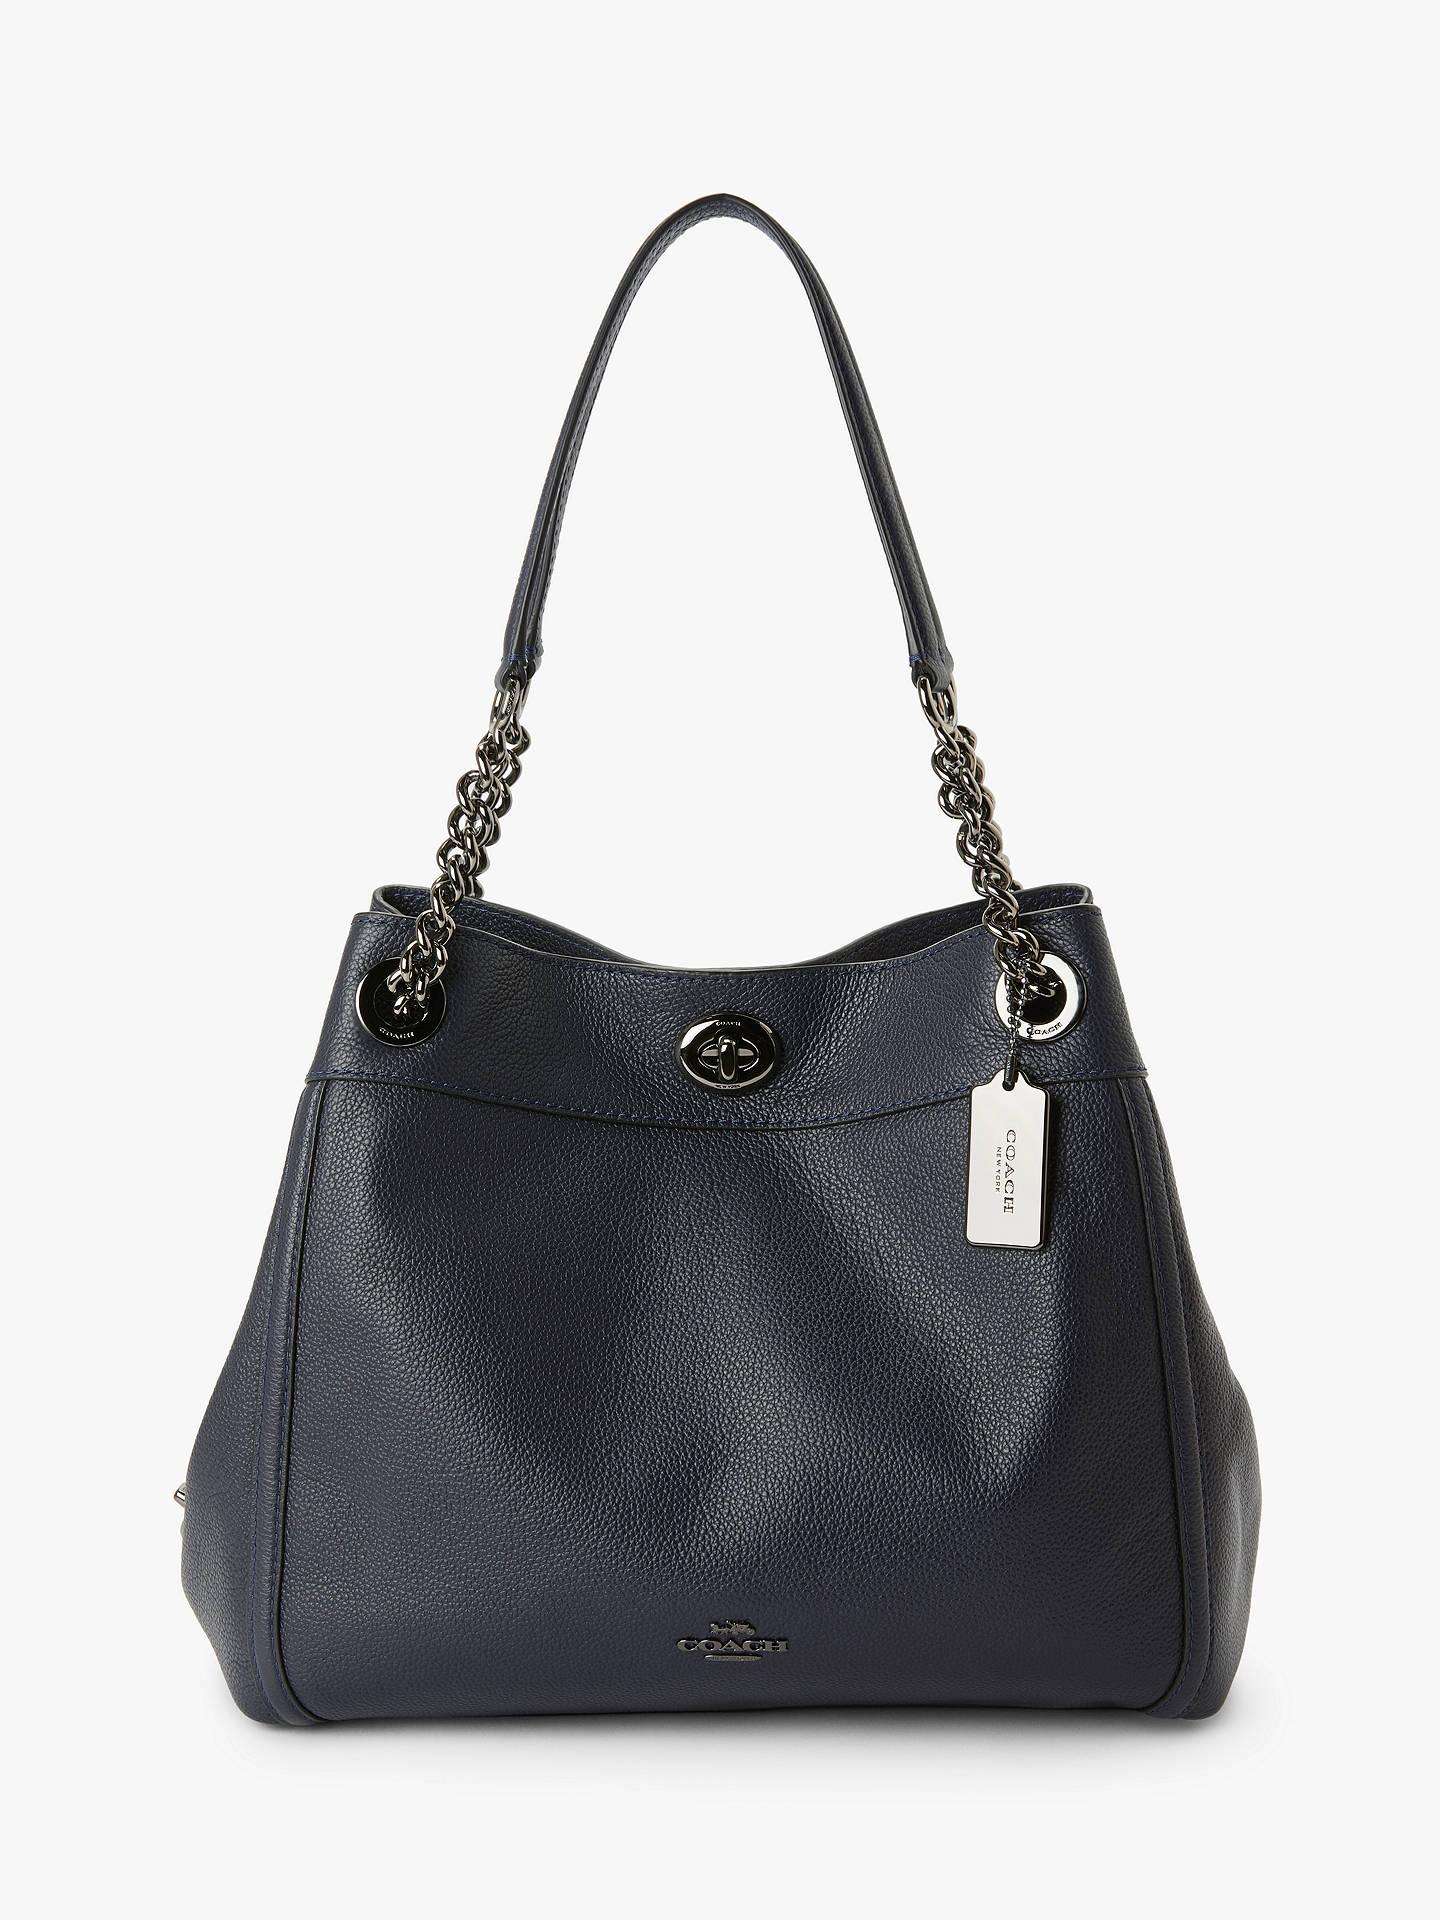 426f998382 Coach Turnlock Edie Leather Shoulder Bag, Navy